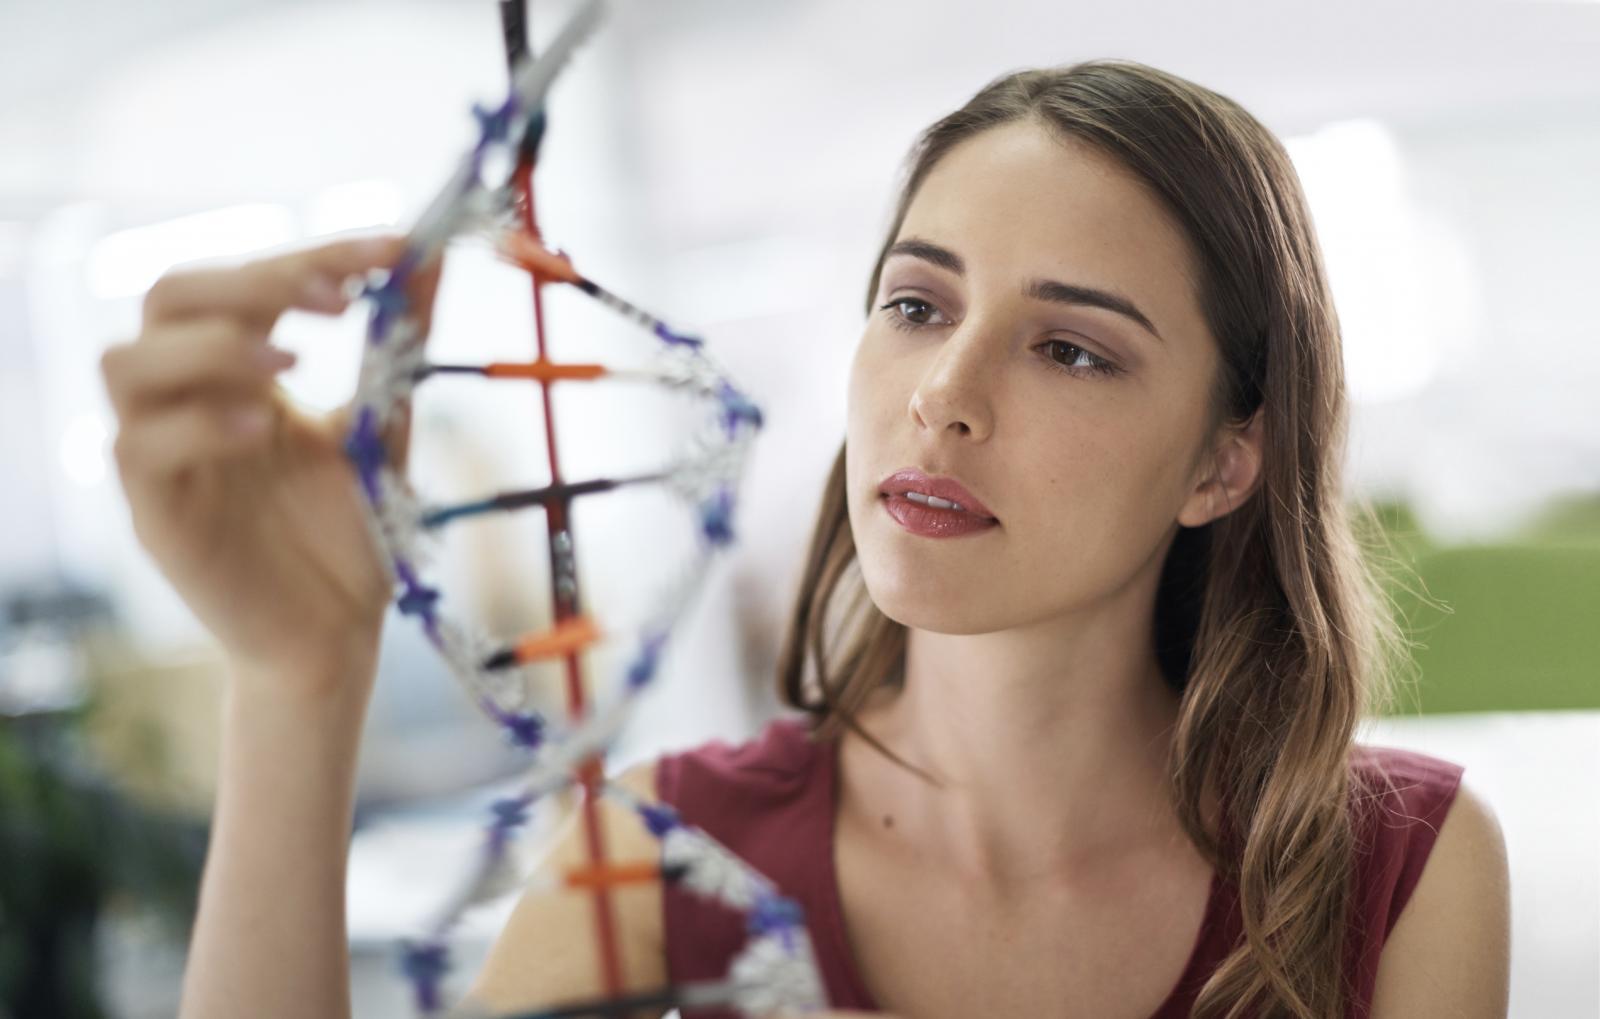 Pored rizika od nekih bolesti, iz naših se gena očito da još štošta iščitati...